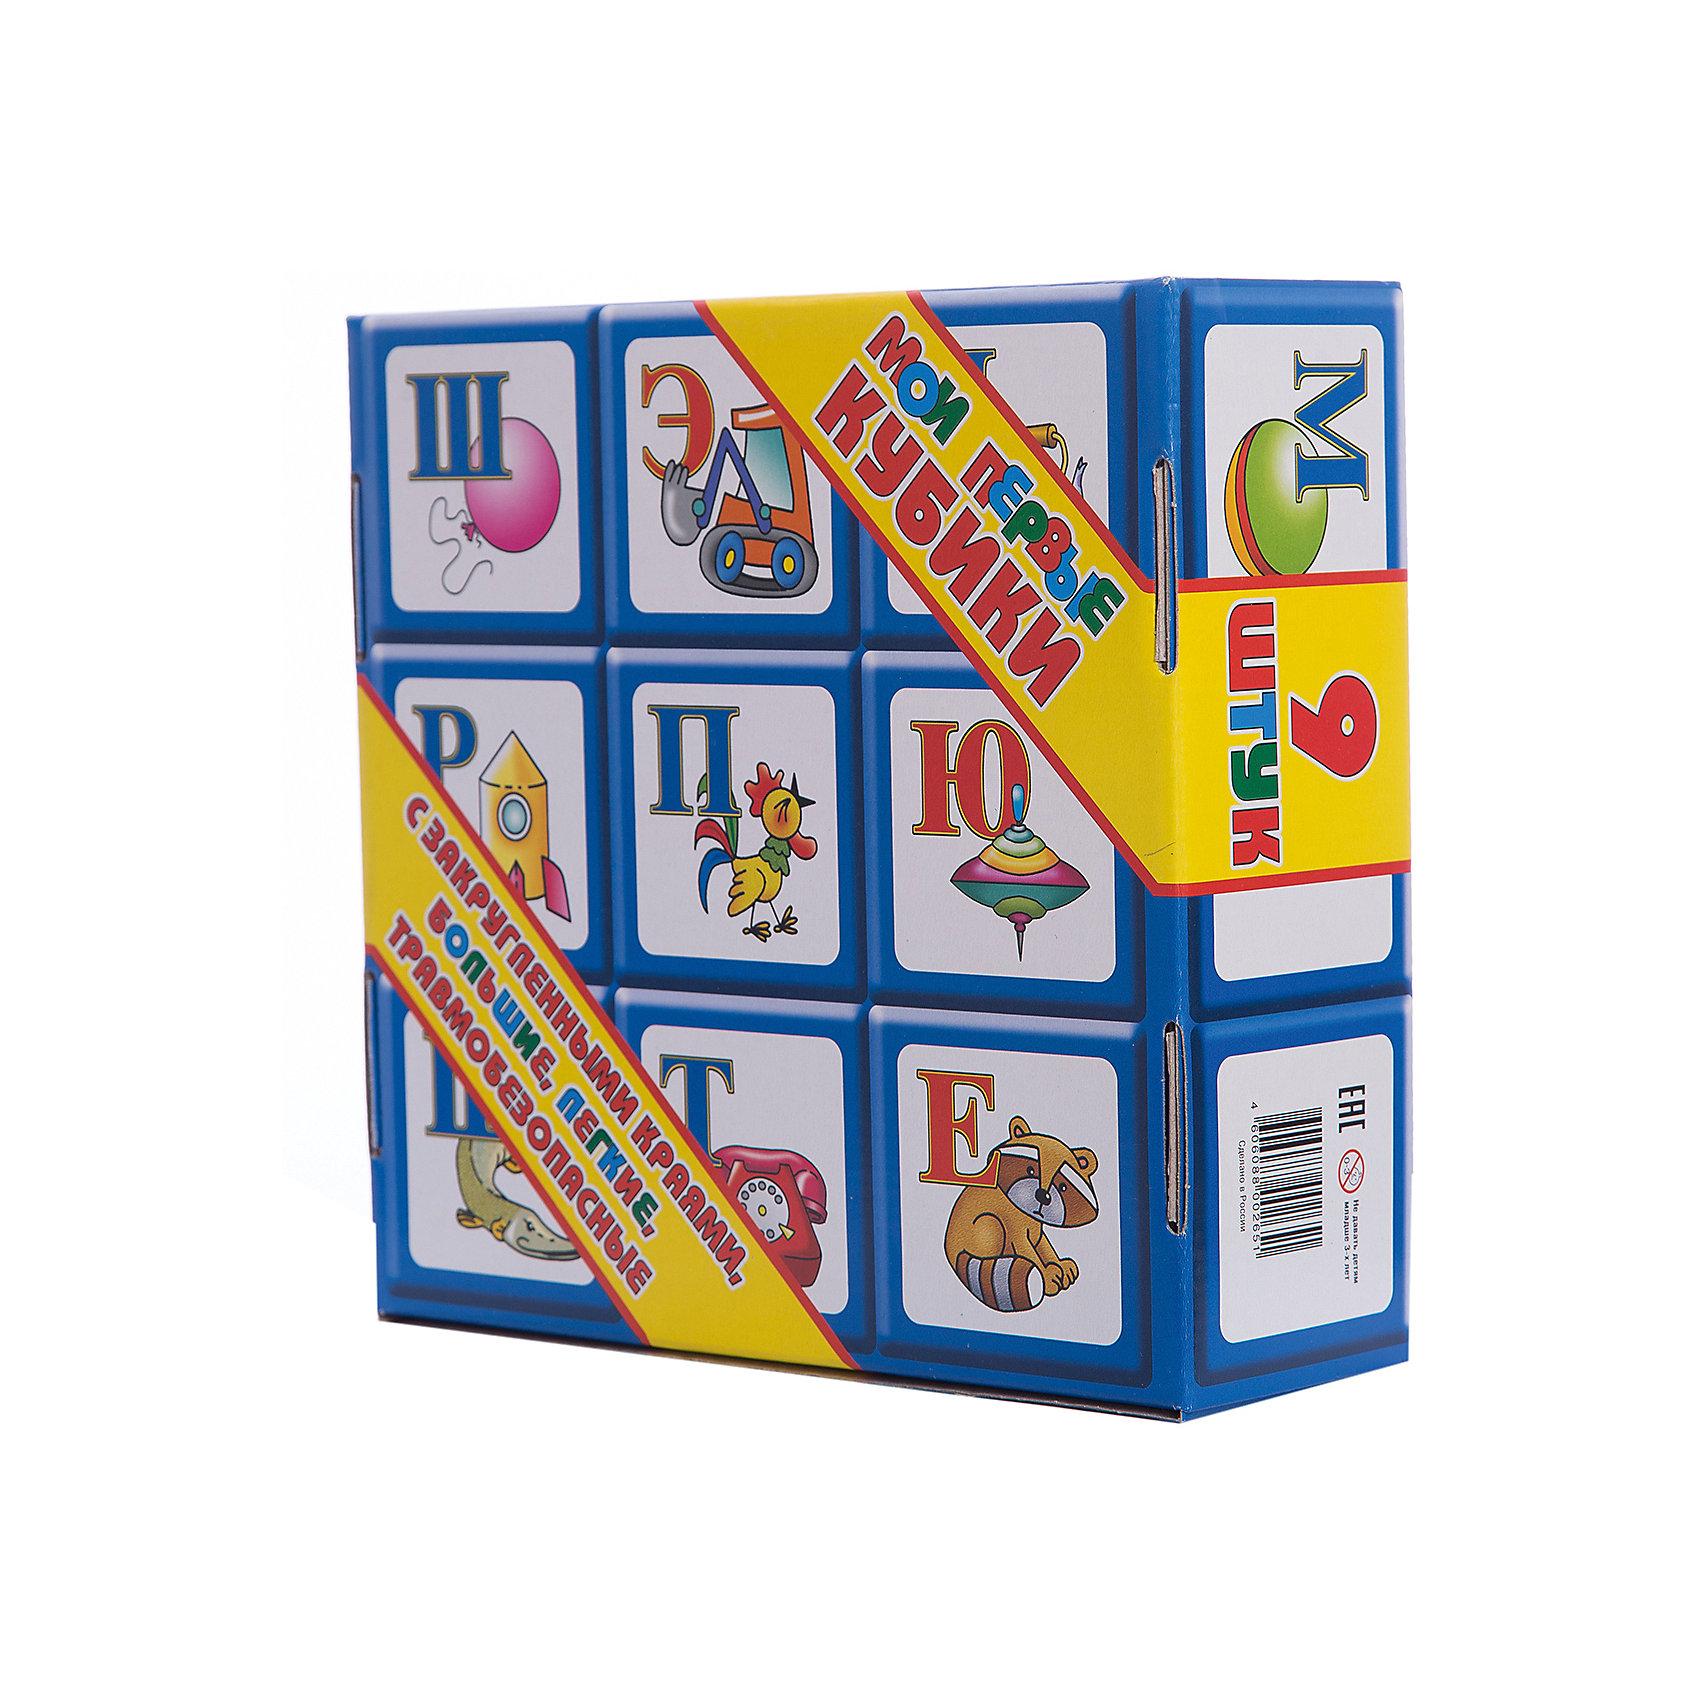 Кубики Алфавит, 9 элементов, Десятое королевствоКубики<br>Характеристики:<br><br>• возраст: от 3 лет<br>• в наборе: 9 кубиков<br>• размер кубика: 8х8 см.<br>• материал: пластик<br>• размер упаковки: 25х24,5х8,5 см.<br>• вес: 510 гр.<br><br>Кубики Алфавит предназначены для самых маленьких. В наборе представлено 9 больших красочных кубиков с нанесенными на грани буквами русского алфавита и изображениями предметов, названия которых начинаются с этих букв. Размер кубиков оптимален для маленьких детских рук. <br><br>Кубики не имеют острых углов. Они легкие и прочные. Кубики изготовлены из высококачественного пластика, окрашены устойчивыми яркими нетоксичными красителями, которые и не истираются со временем.<br><br>Кубики Алфавит, 9 элементов, Десятое королевство можно купить в нашем интернет-магазине.<br><br>Ширина мм: 255<br>Глубина мм: 245<br>Высота мм: 85<br>Вес г: 591<br>Возраст от месяцев: 36<br>Возраст до месяцев: 2147483647<br>Пол: Унисекс<br>Возраст: Детский<br>SKU: 6723911